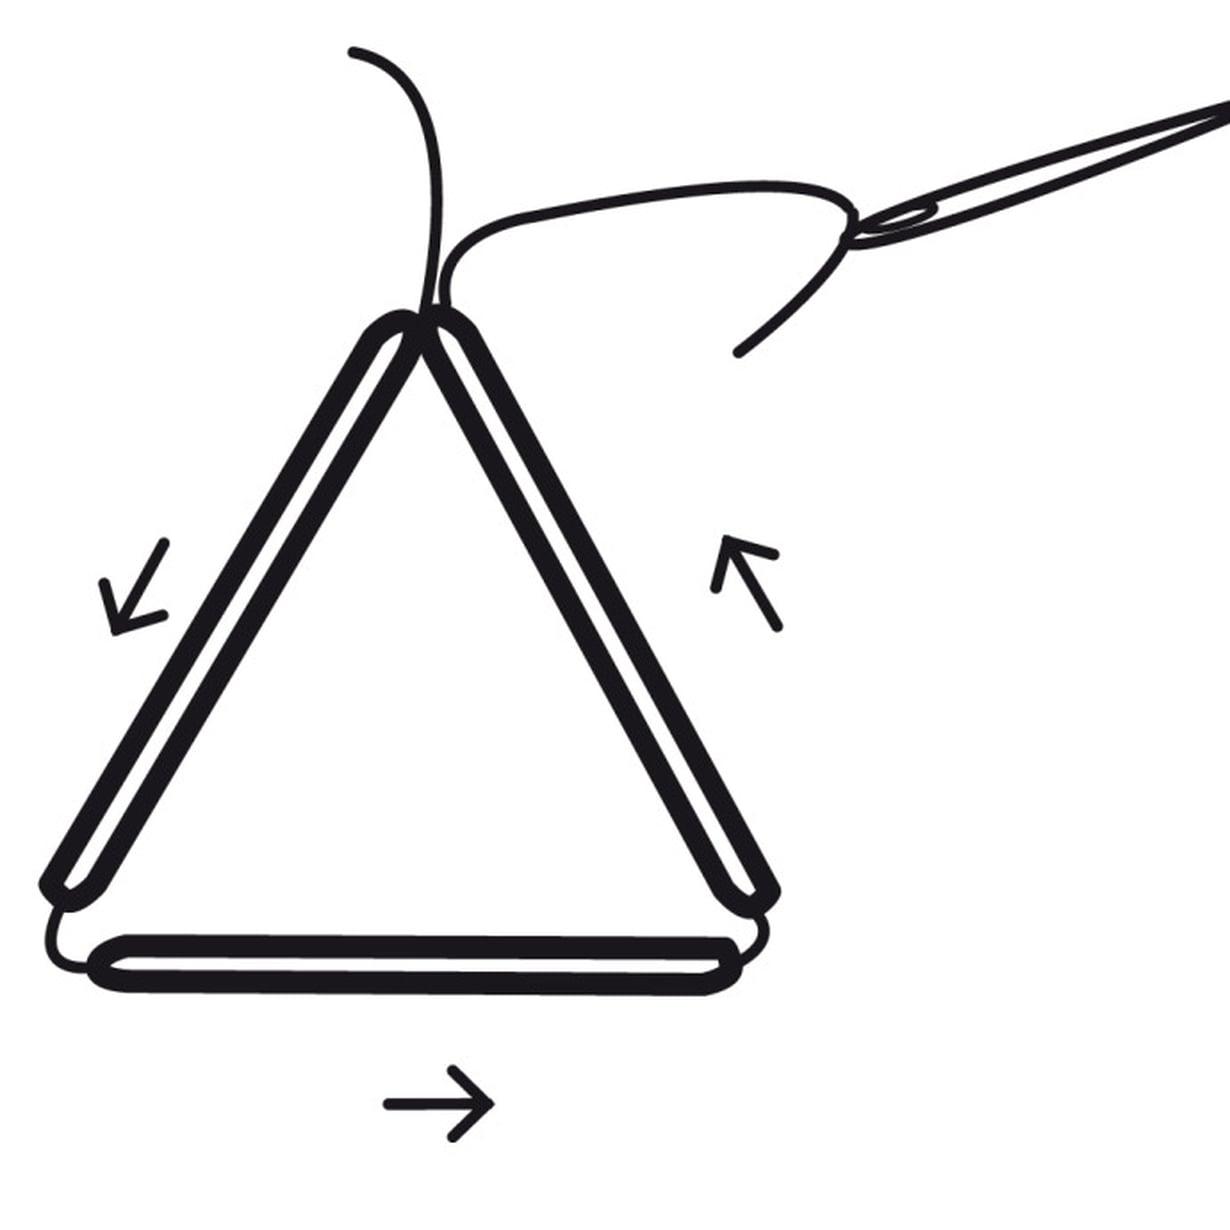 Peruskuvioon tarvitset 12 yhtä pitkää pilliä tai olkea. Pujota lankaan kolme pilliä ja solmi ne kolmioksi.